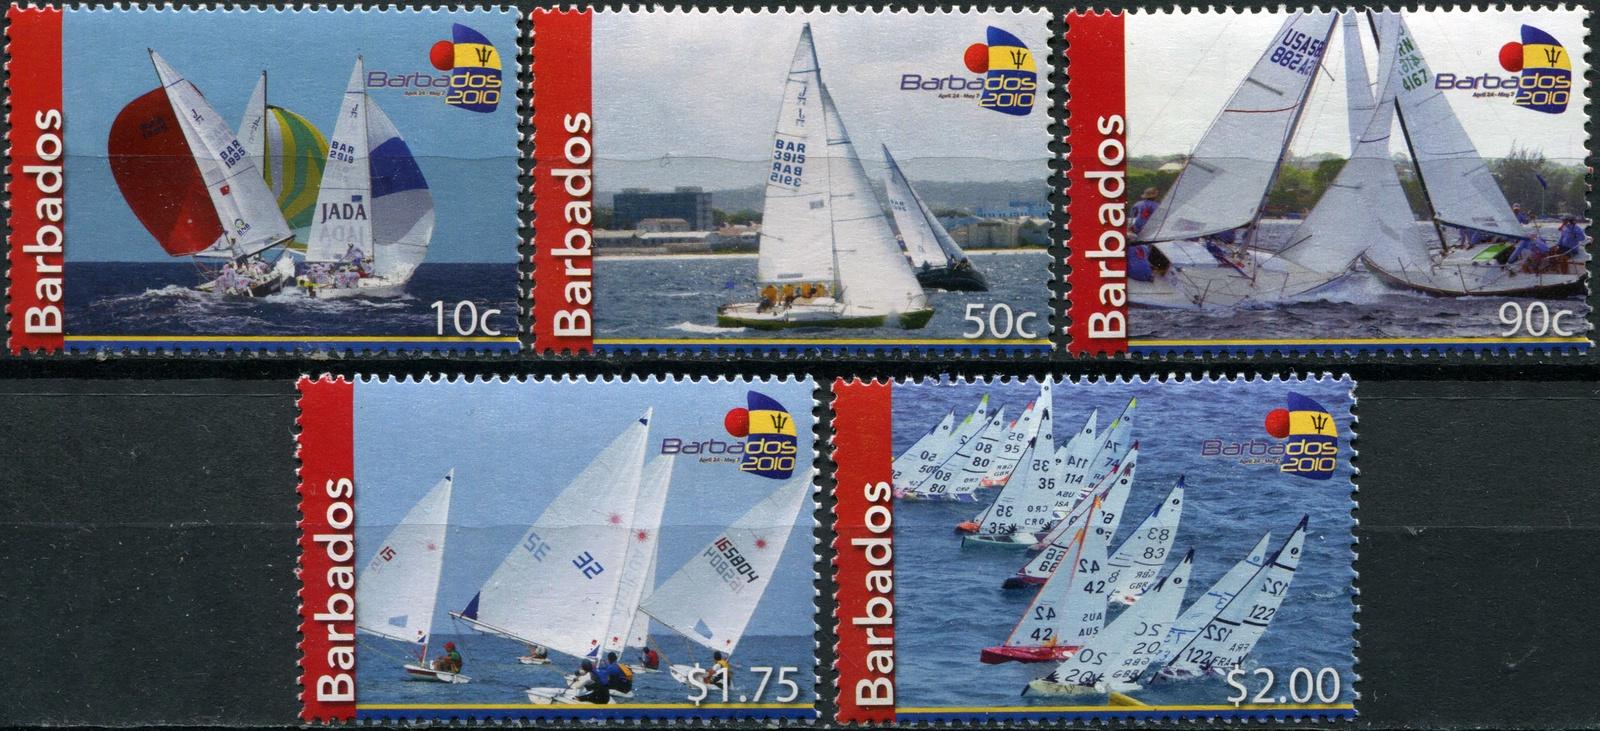 Барбадос. 2010. Парусные лодки (Серия. MNH OG) michel 338761 2010 mittelamerika katalog